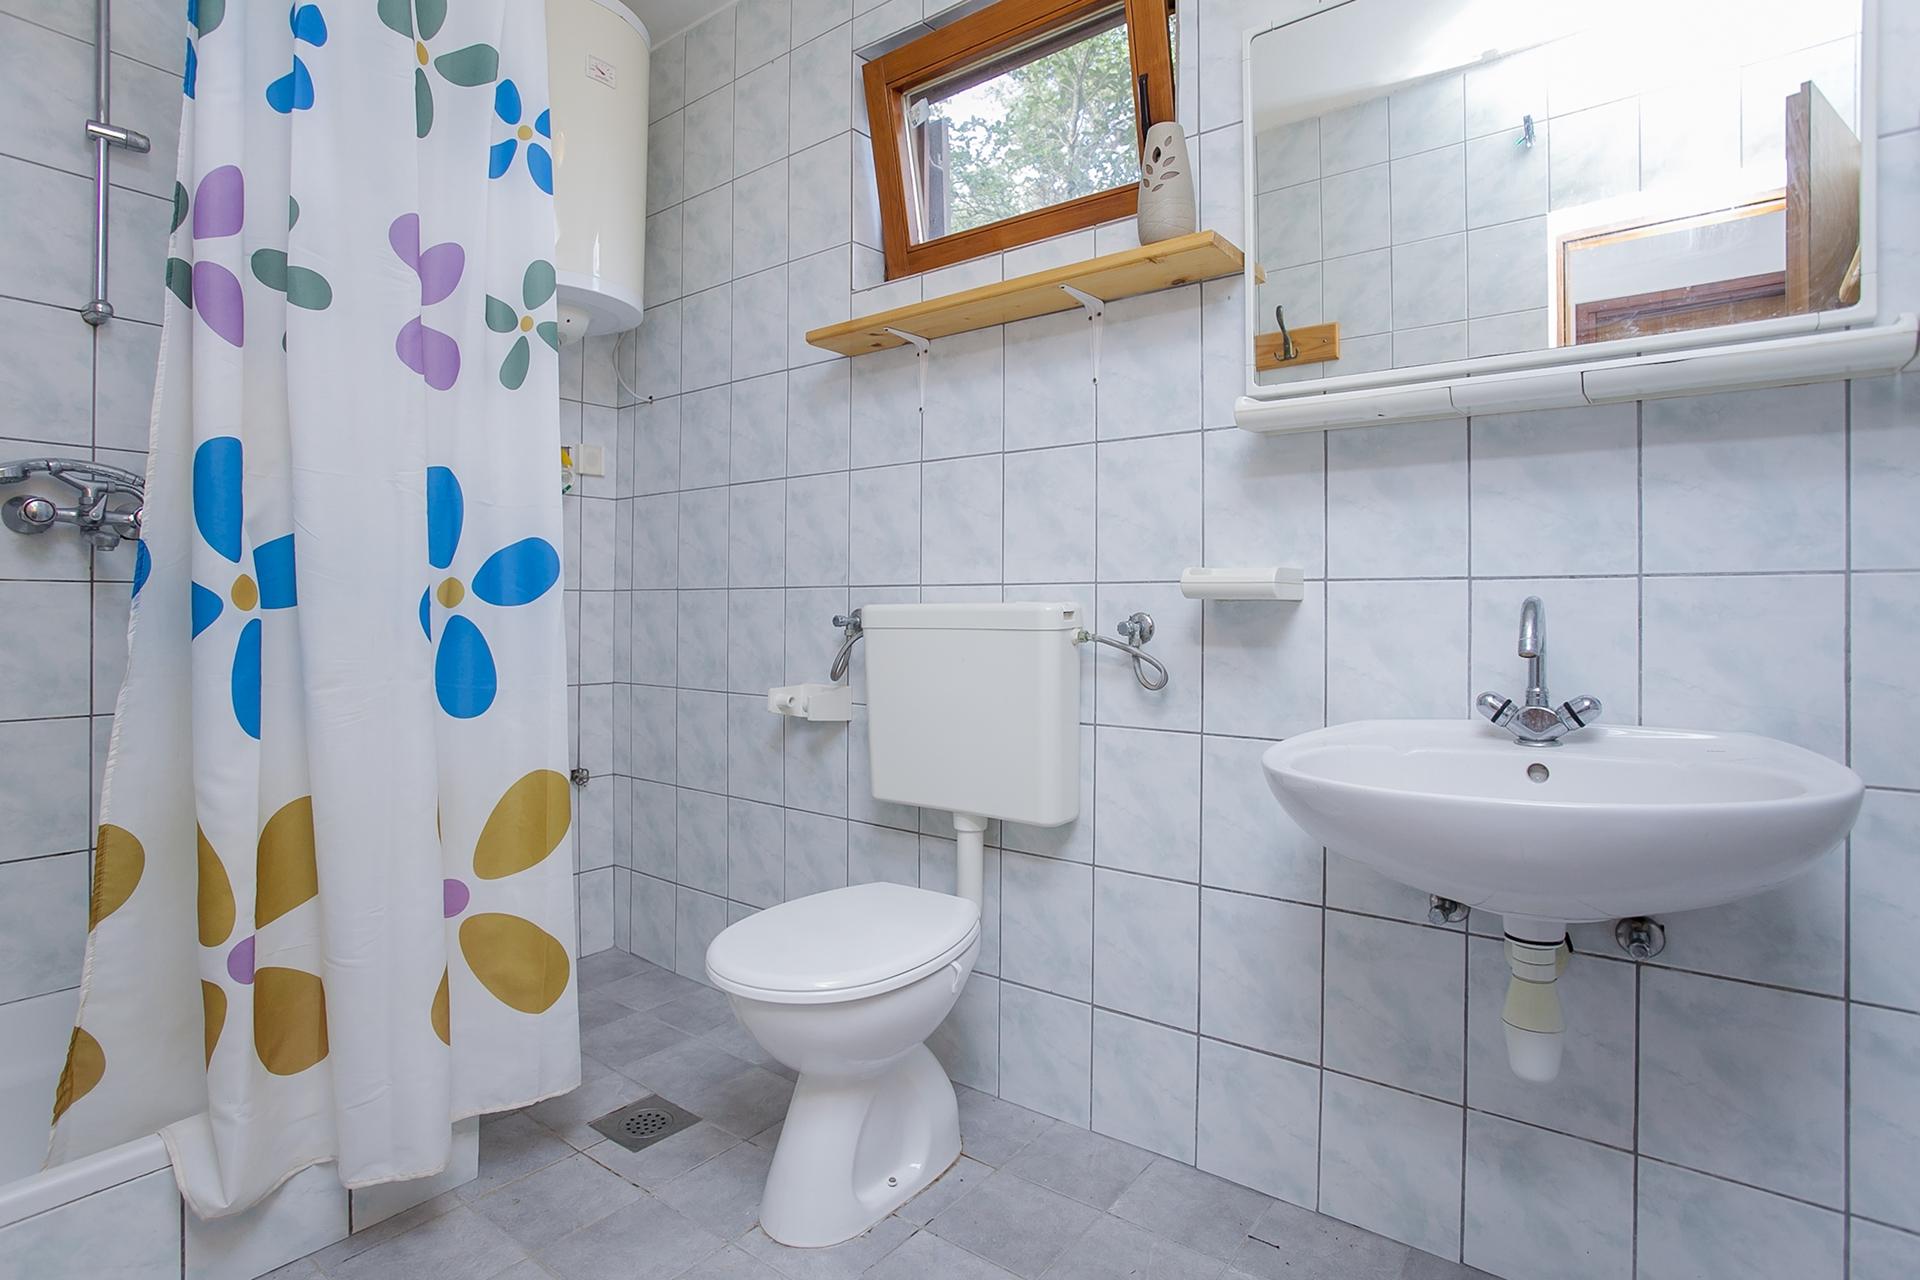 B1214VLUK  - Öböl Picena (Vela Luka) - Nyaralóházak Horvátország - H(6): fürdőszoba toalettel